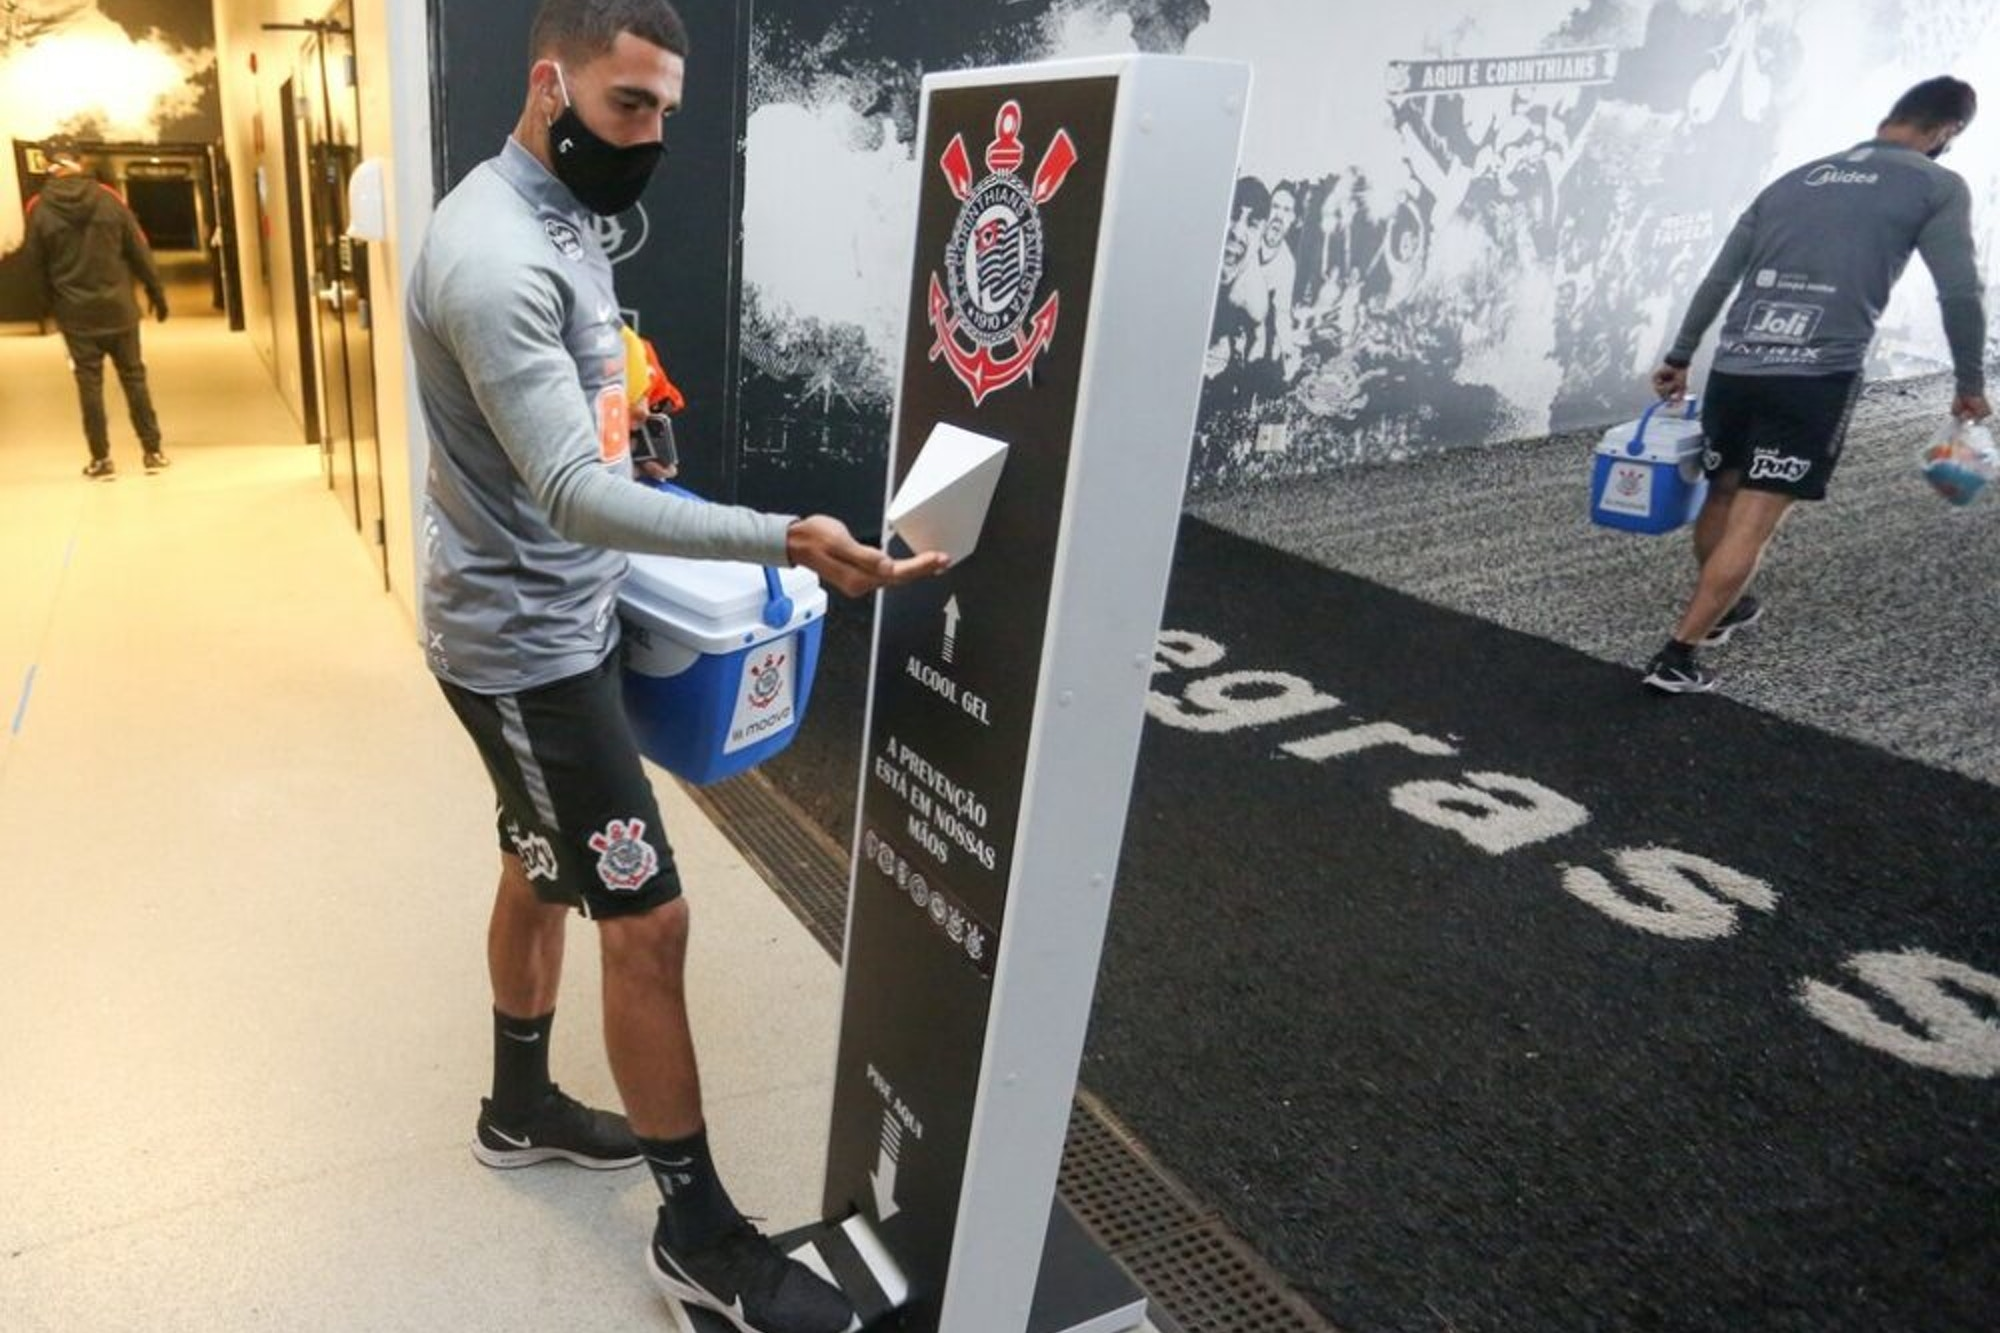 Corinthians lidera casos de jogadores com Covid-19 na Série A